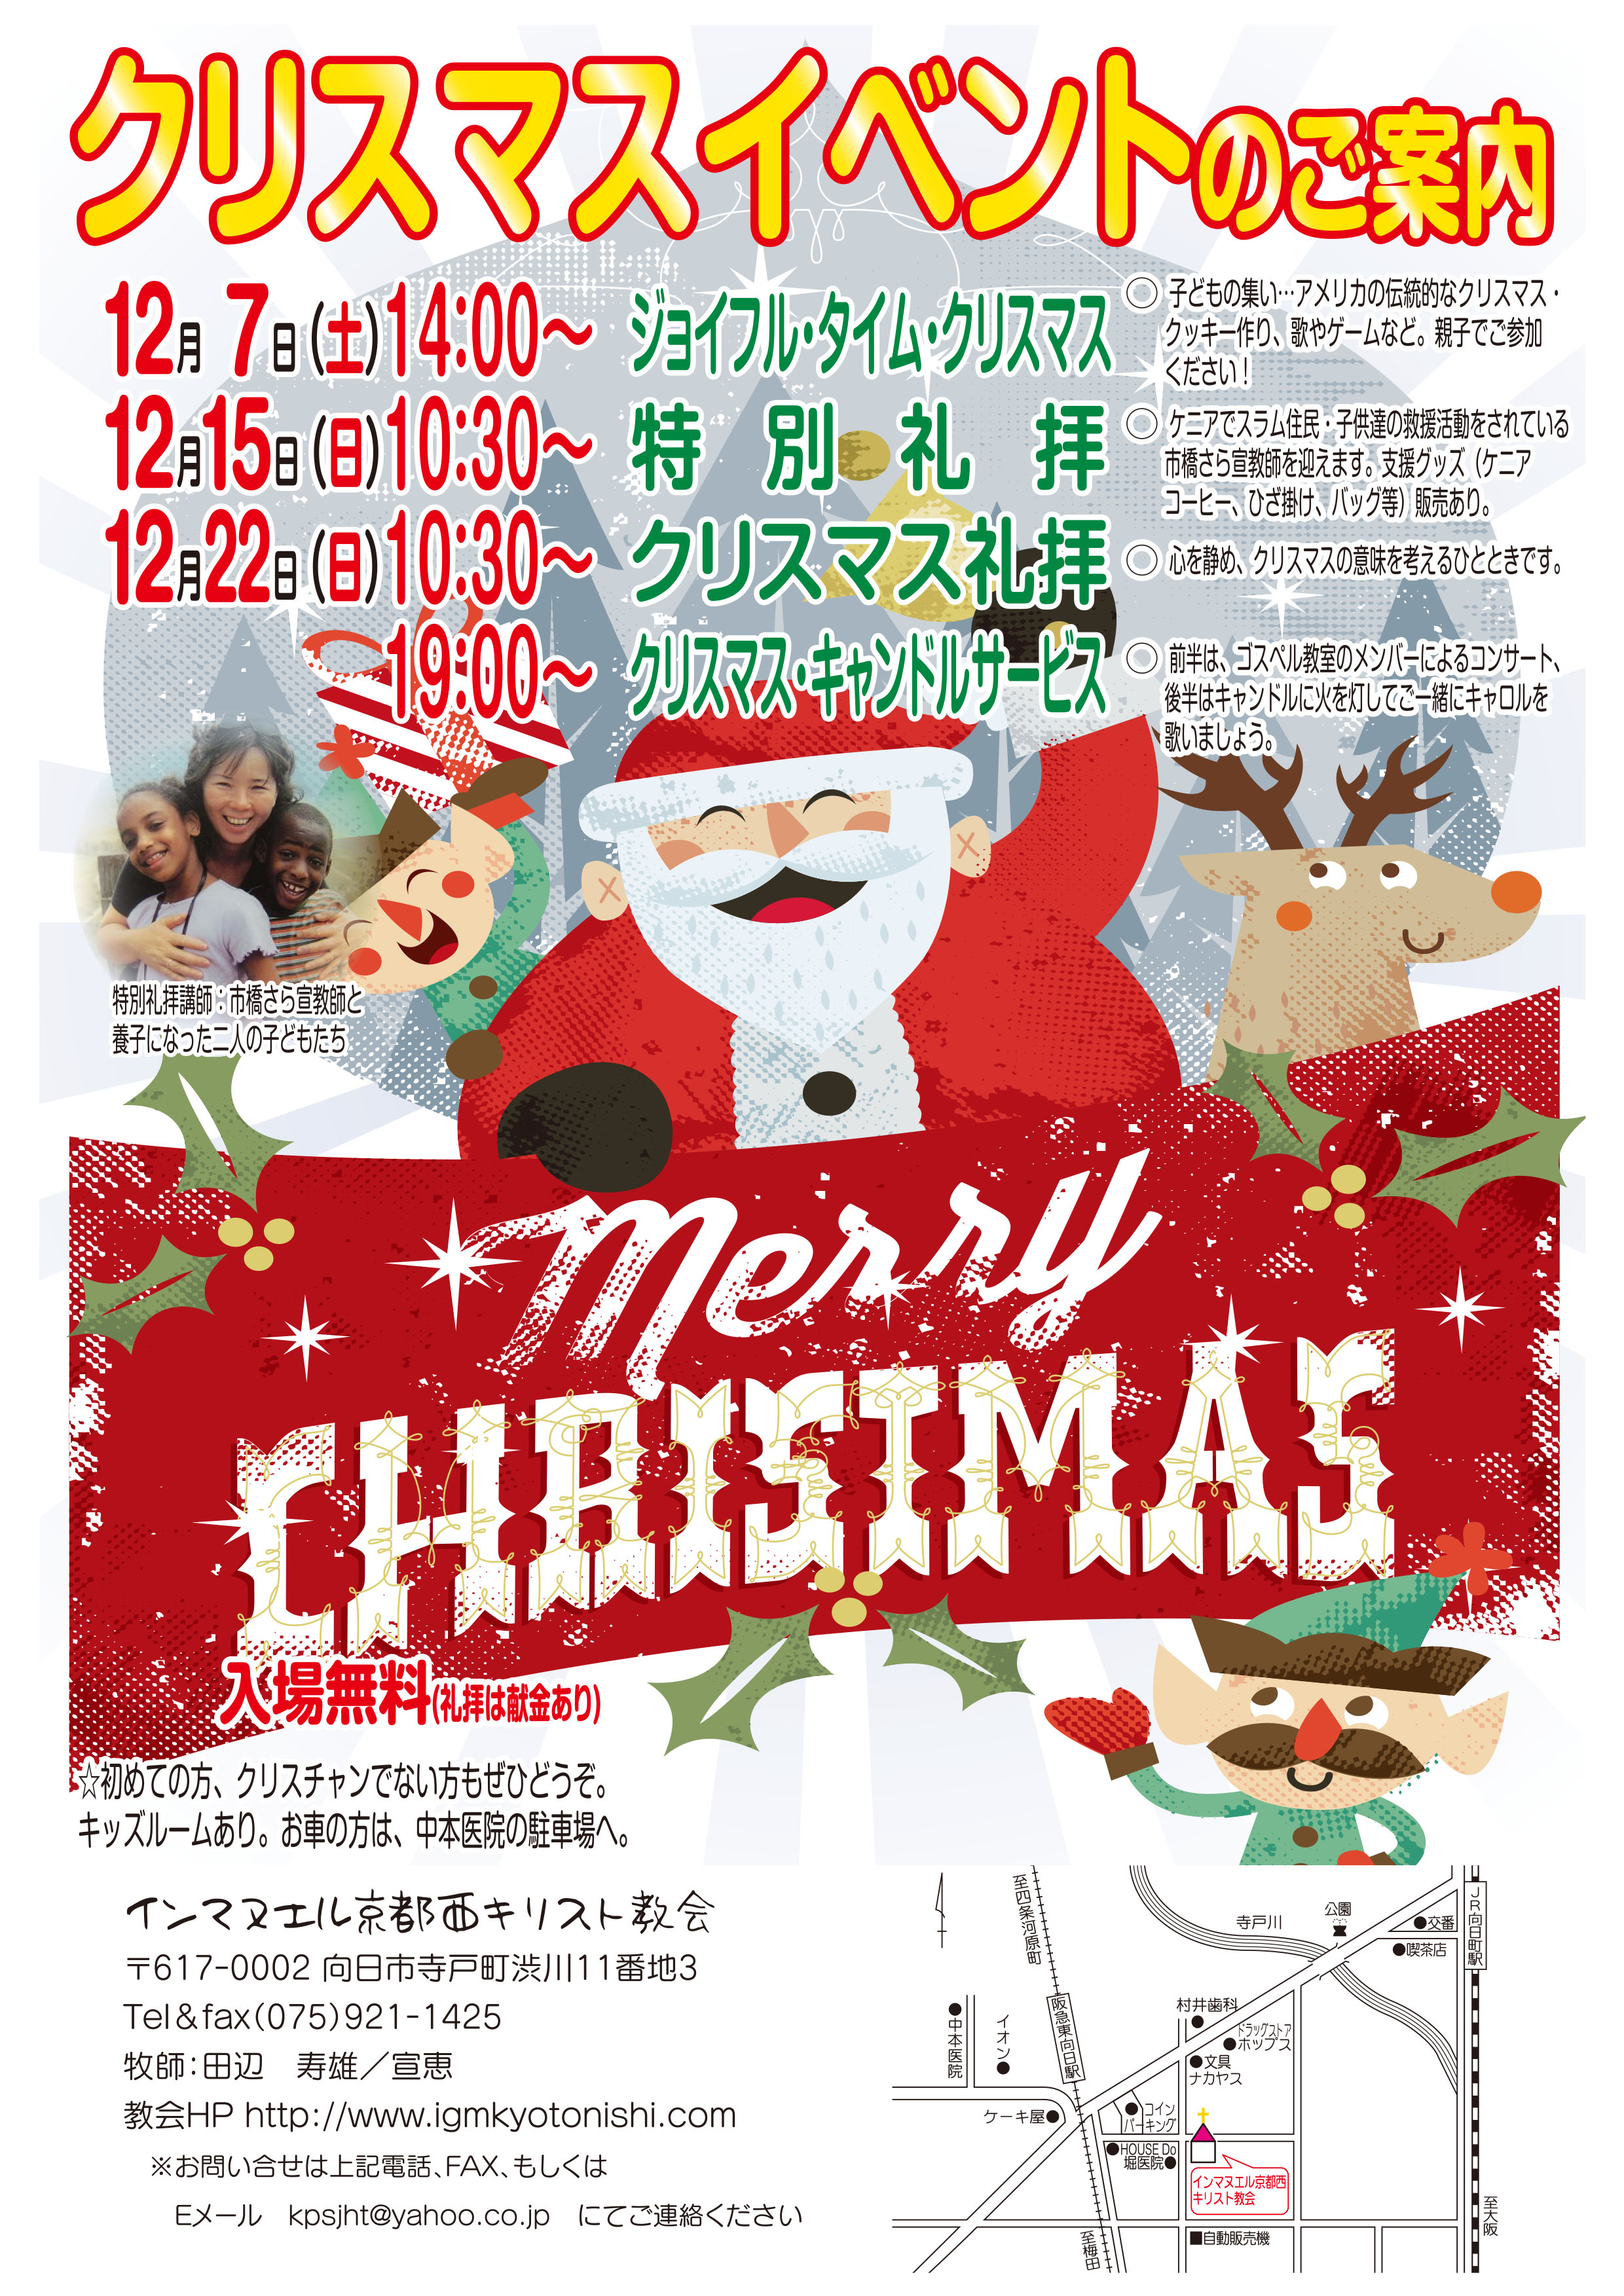 2013年12月7日(土)午後14:00〜 ジョイフル・タイム・クリスマス